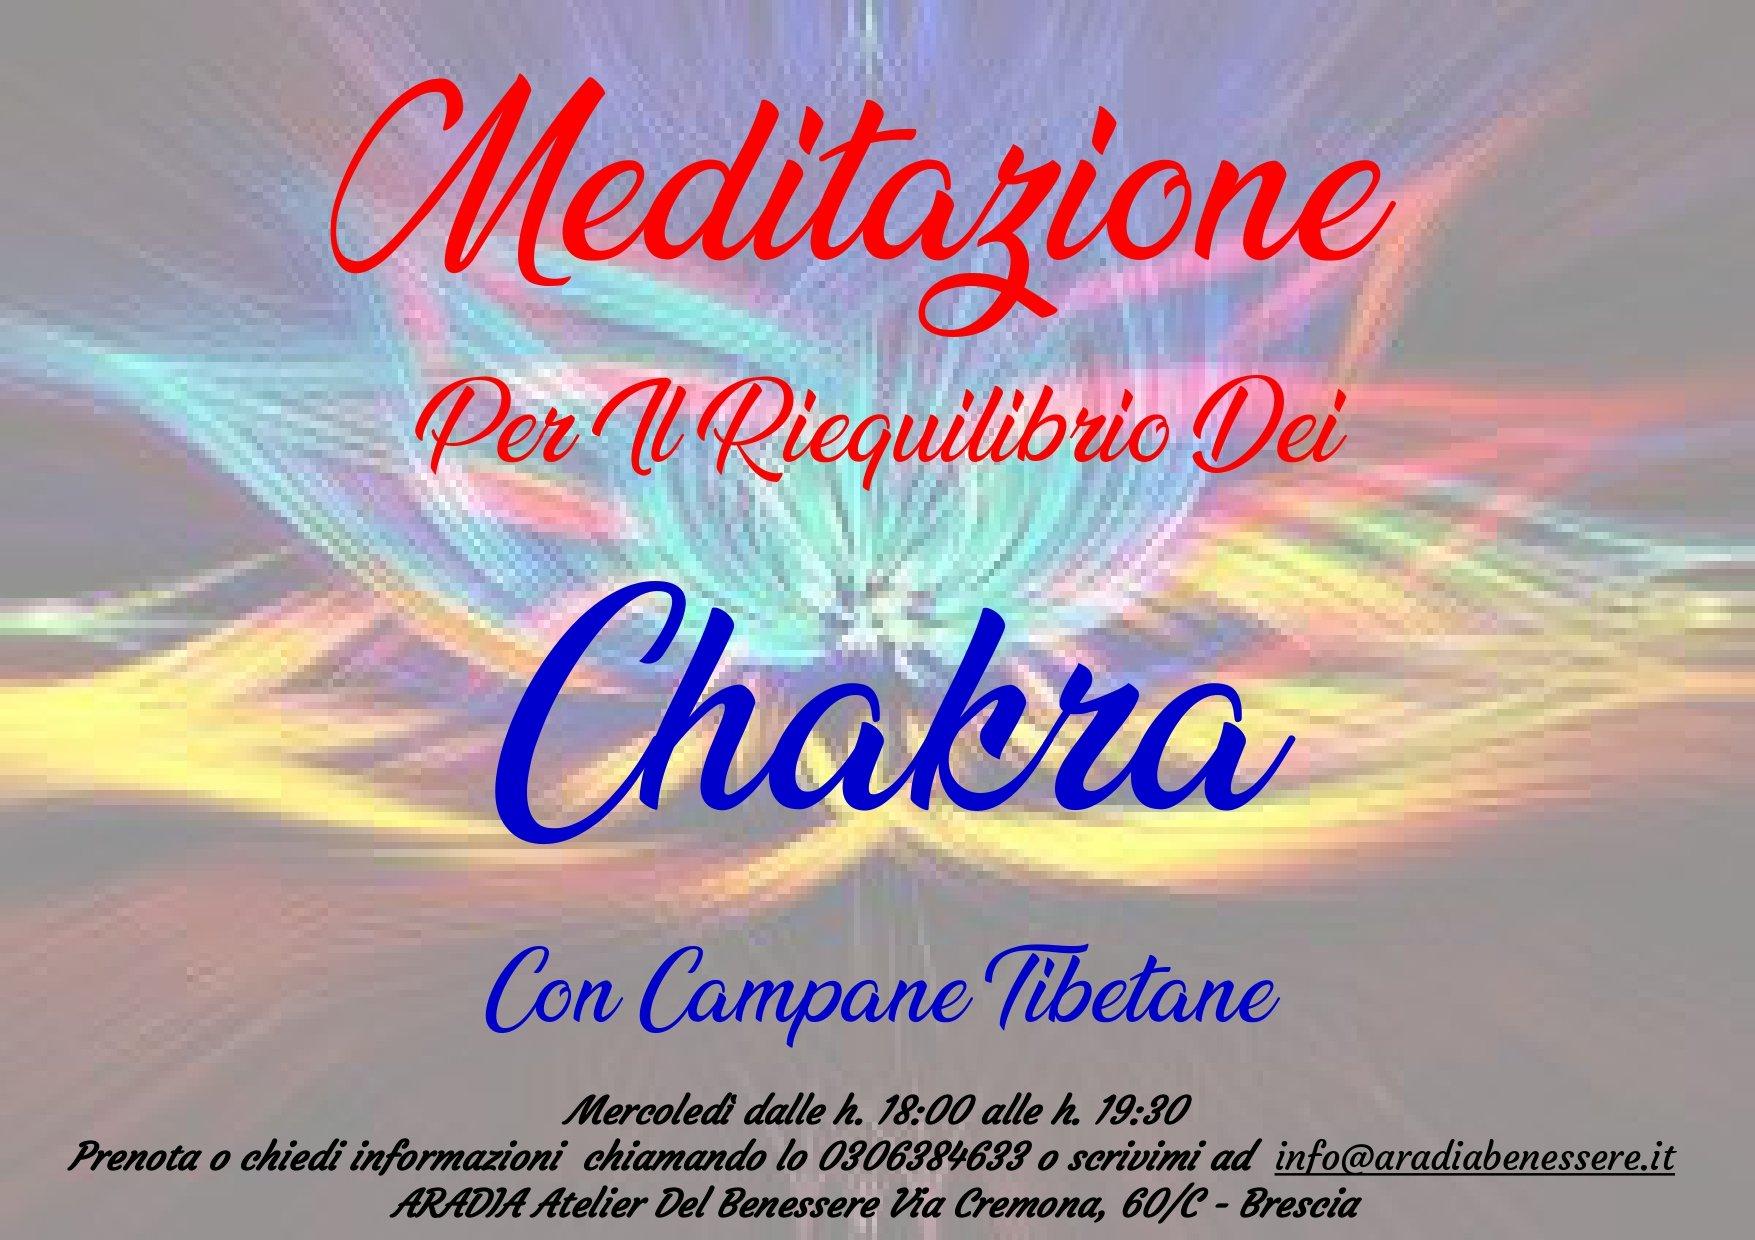 chakra orizzontale2 ct page 0001 1